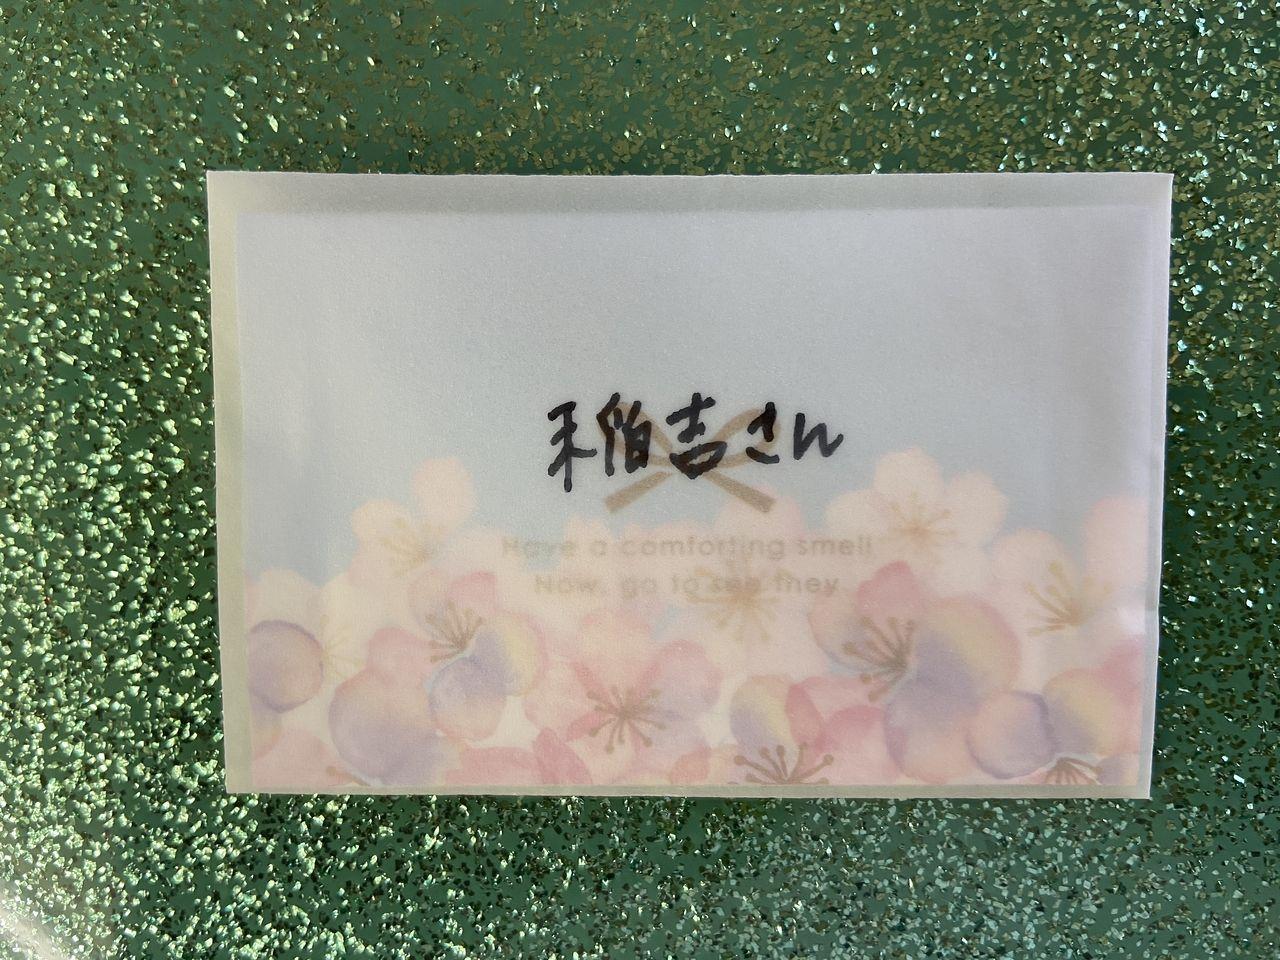 福原バレエ教室/FUKUHARA BALLET STUDIO